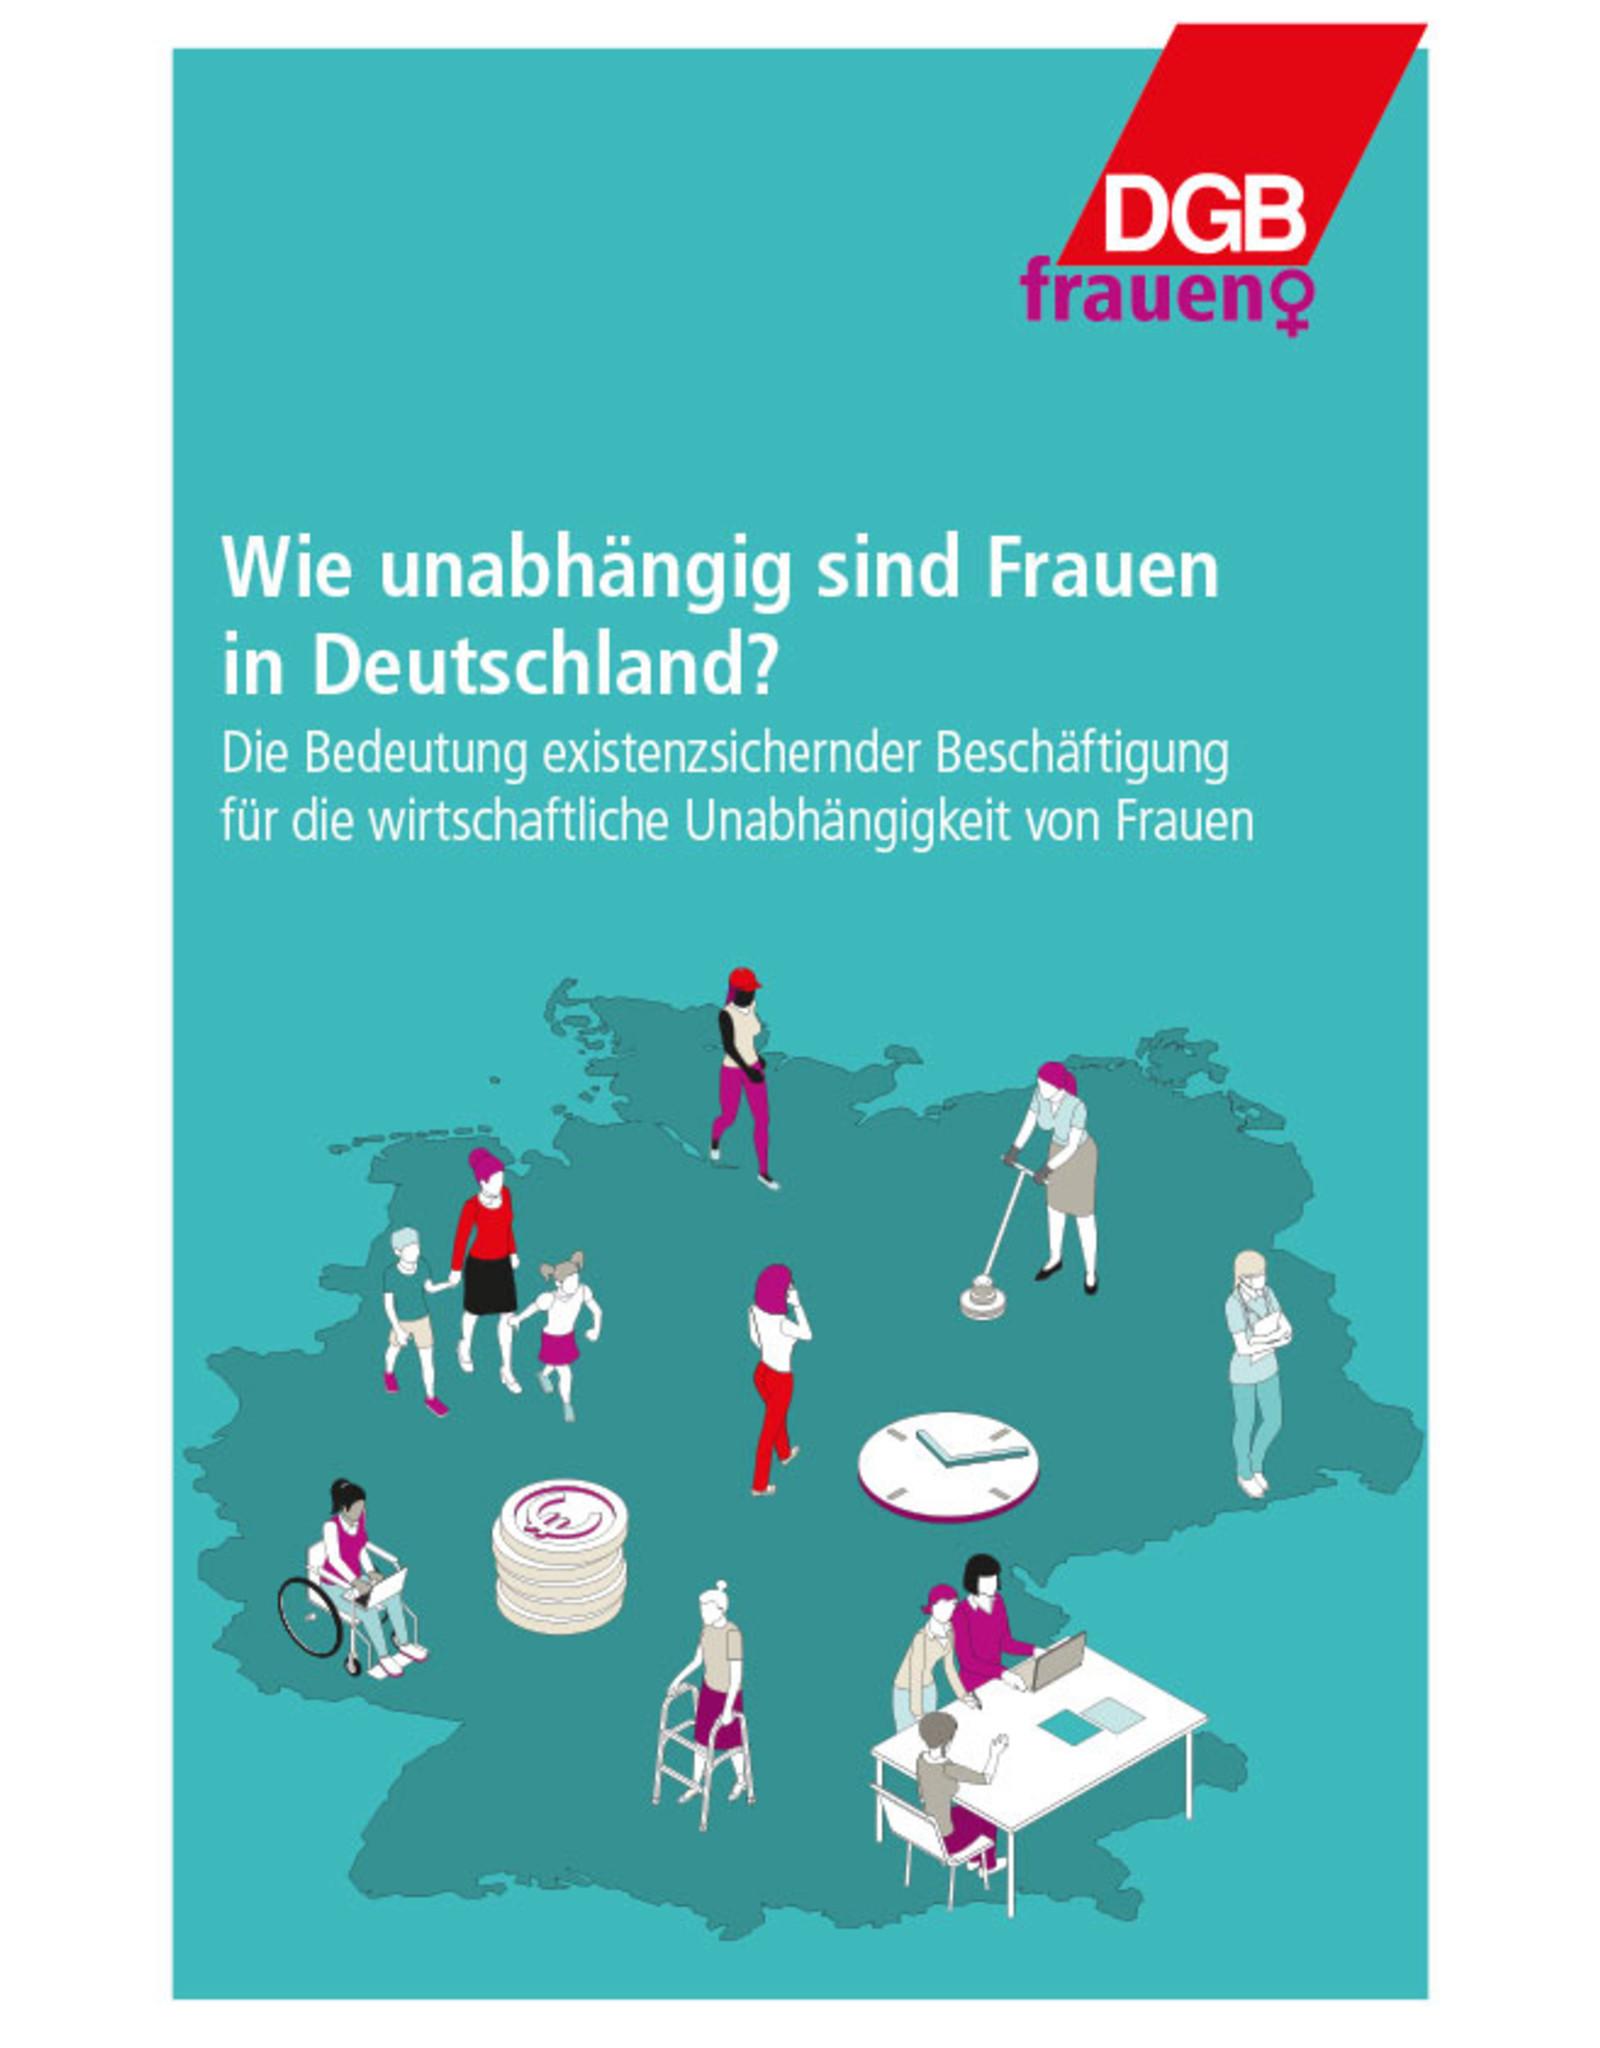 Wie unabhängig sind Frauen in Deutschland? Die Bedeutung existenzsichernder Beschäftigung für die wirtschaftliche unabhängigkeit von Frauen